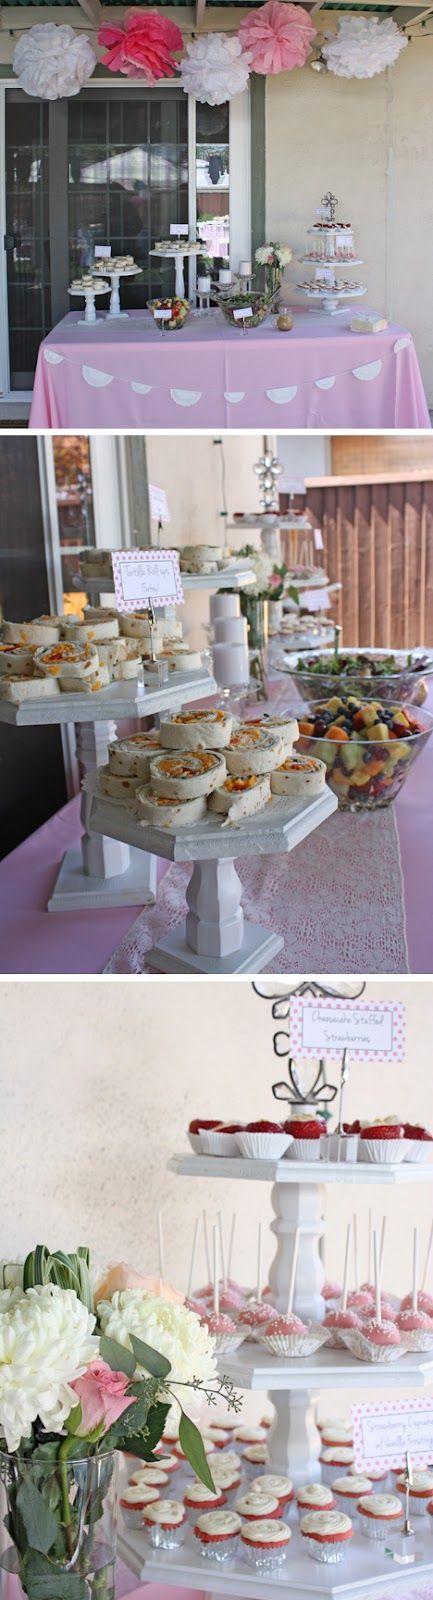 food tiered finger foods gender shower bridal showers baby shower